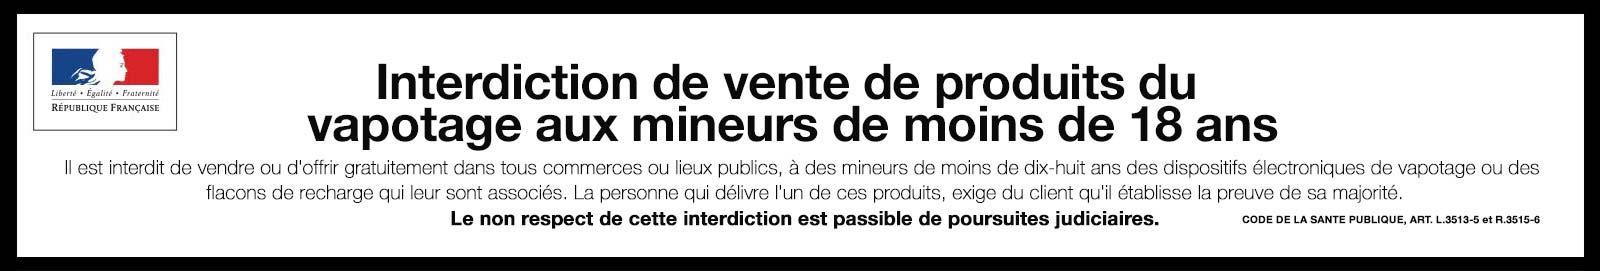 banniere vapotage mineur yousmoke